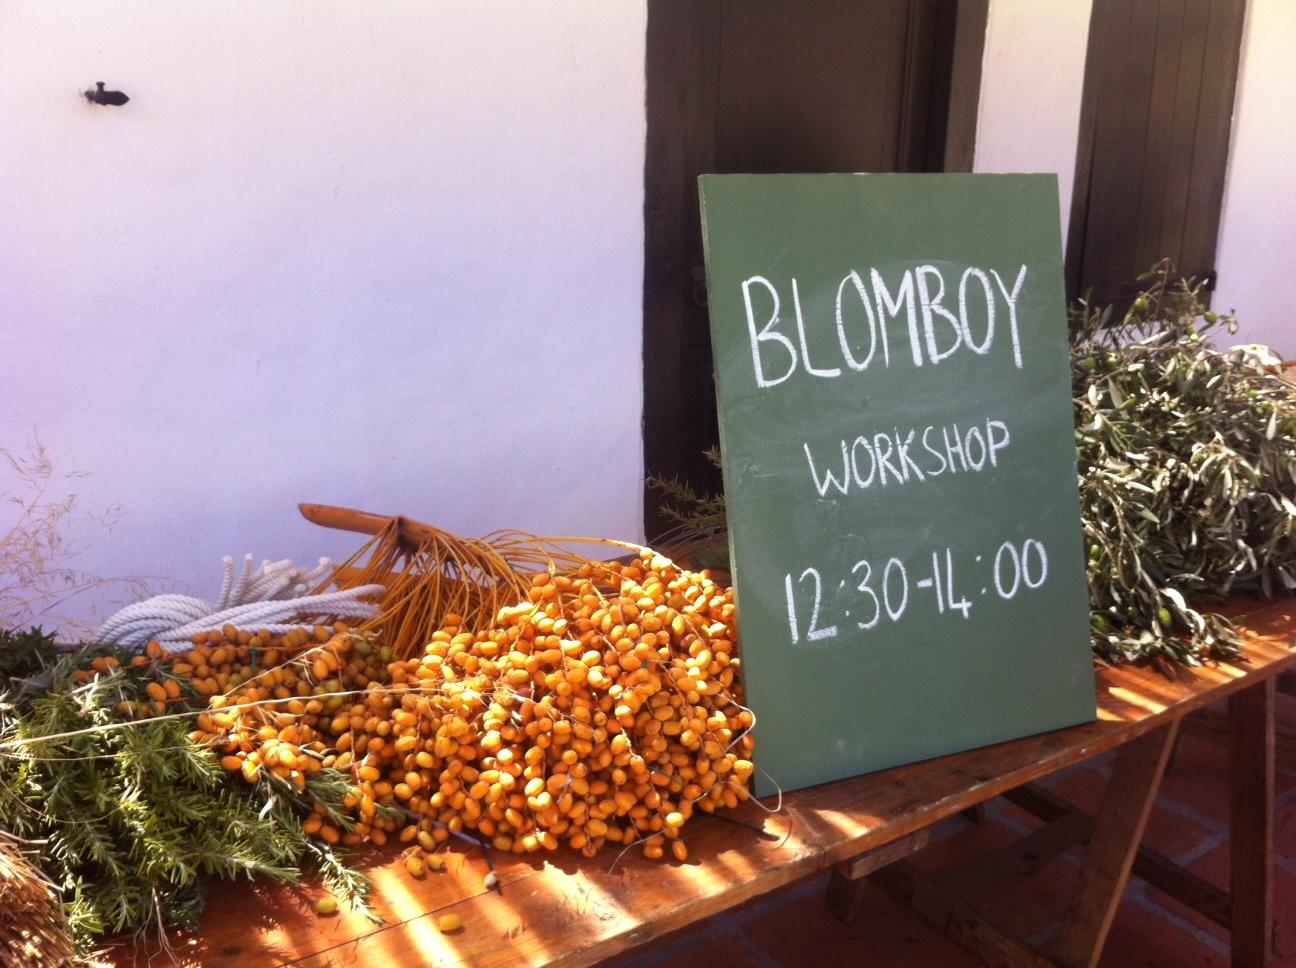 The Blom Boy at Spier Werf Market